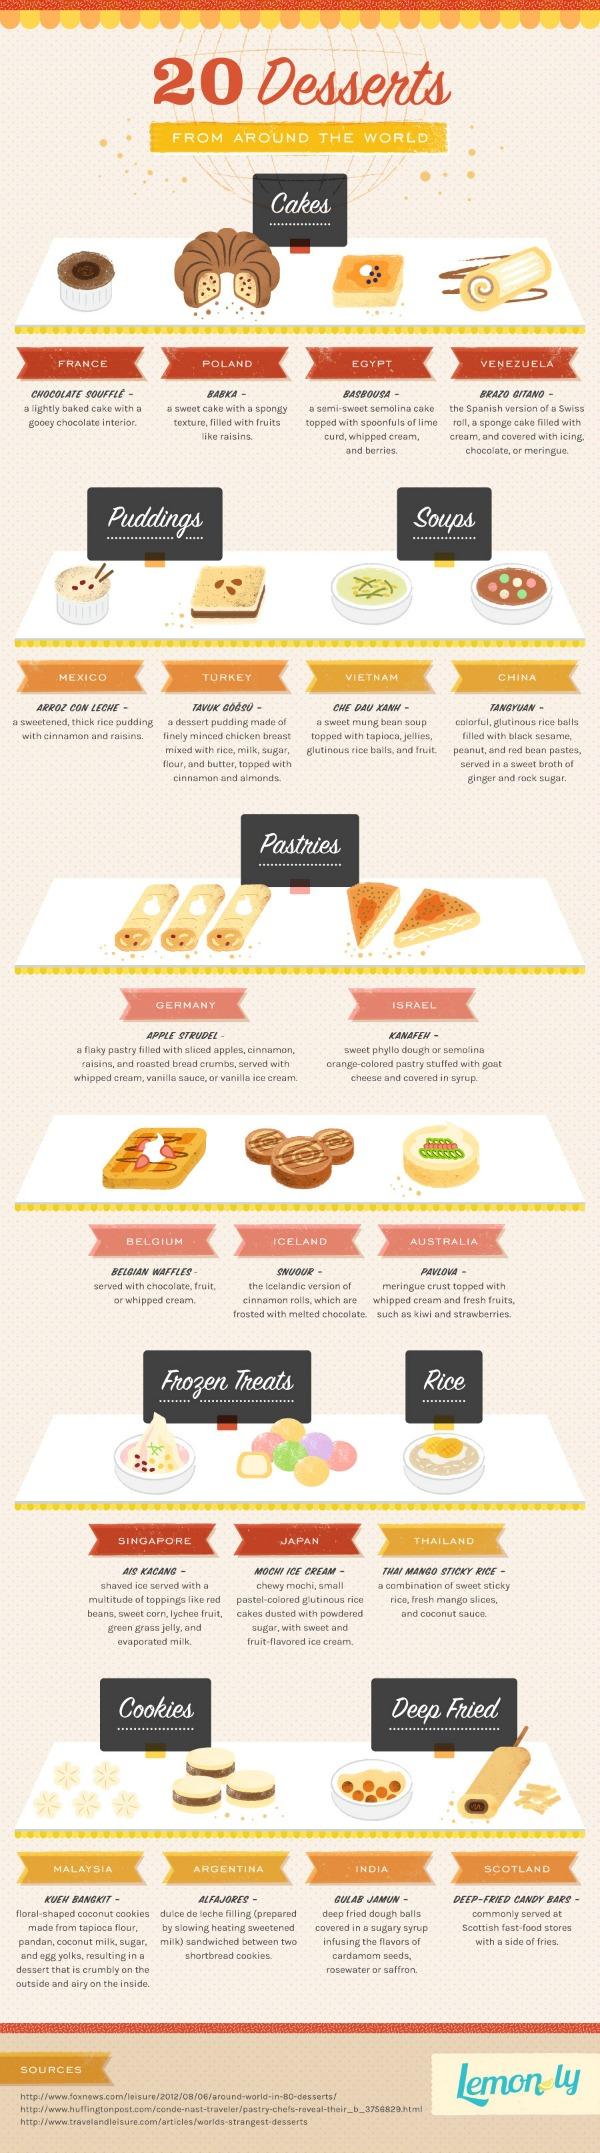 20-desserts-around-the-world